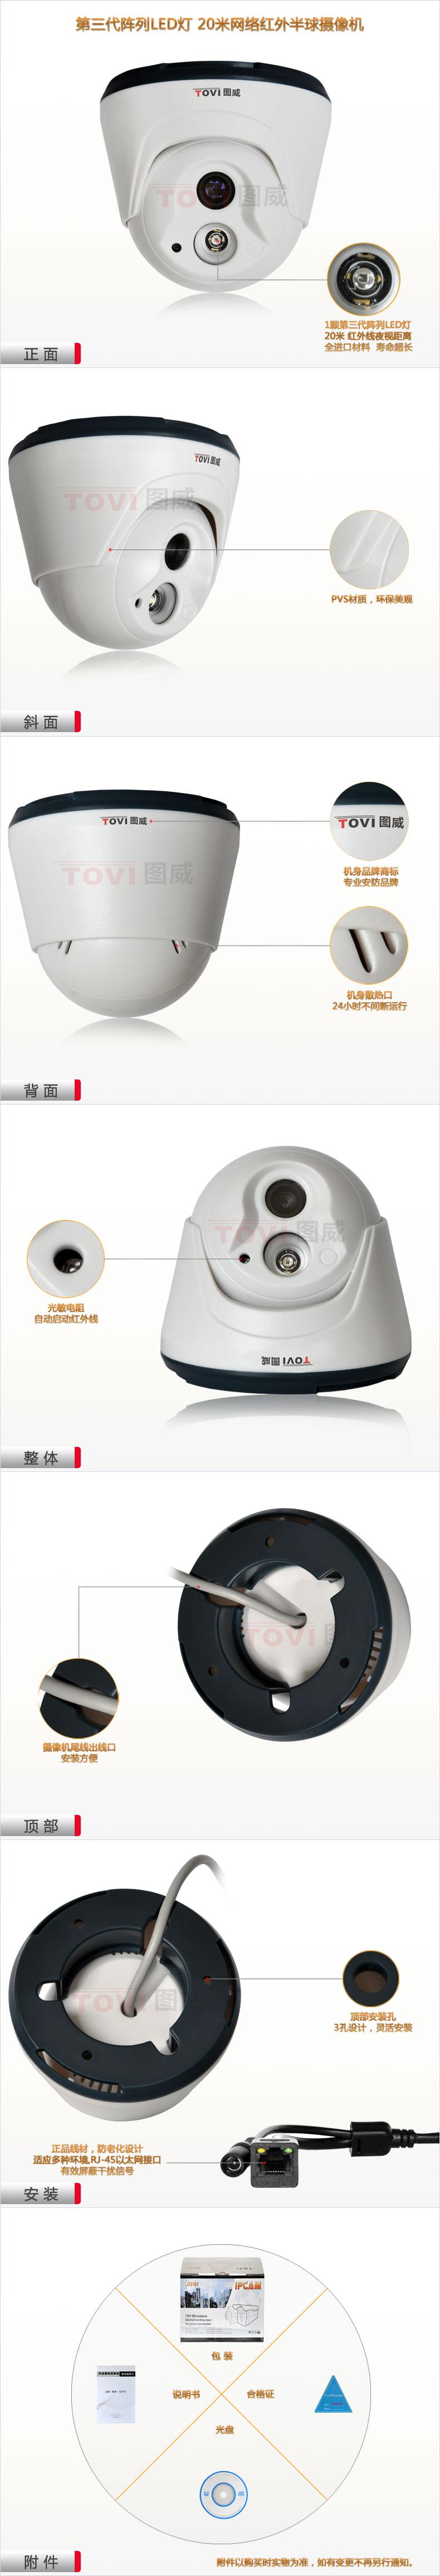 图威TV-CE6013-IT2半球网络摄像机展示